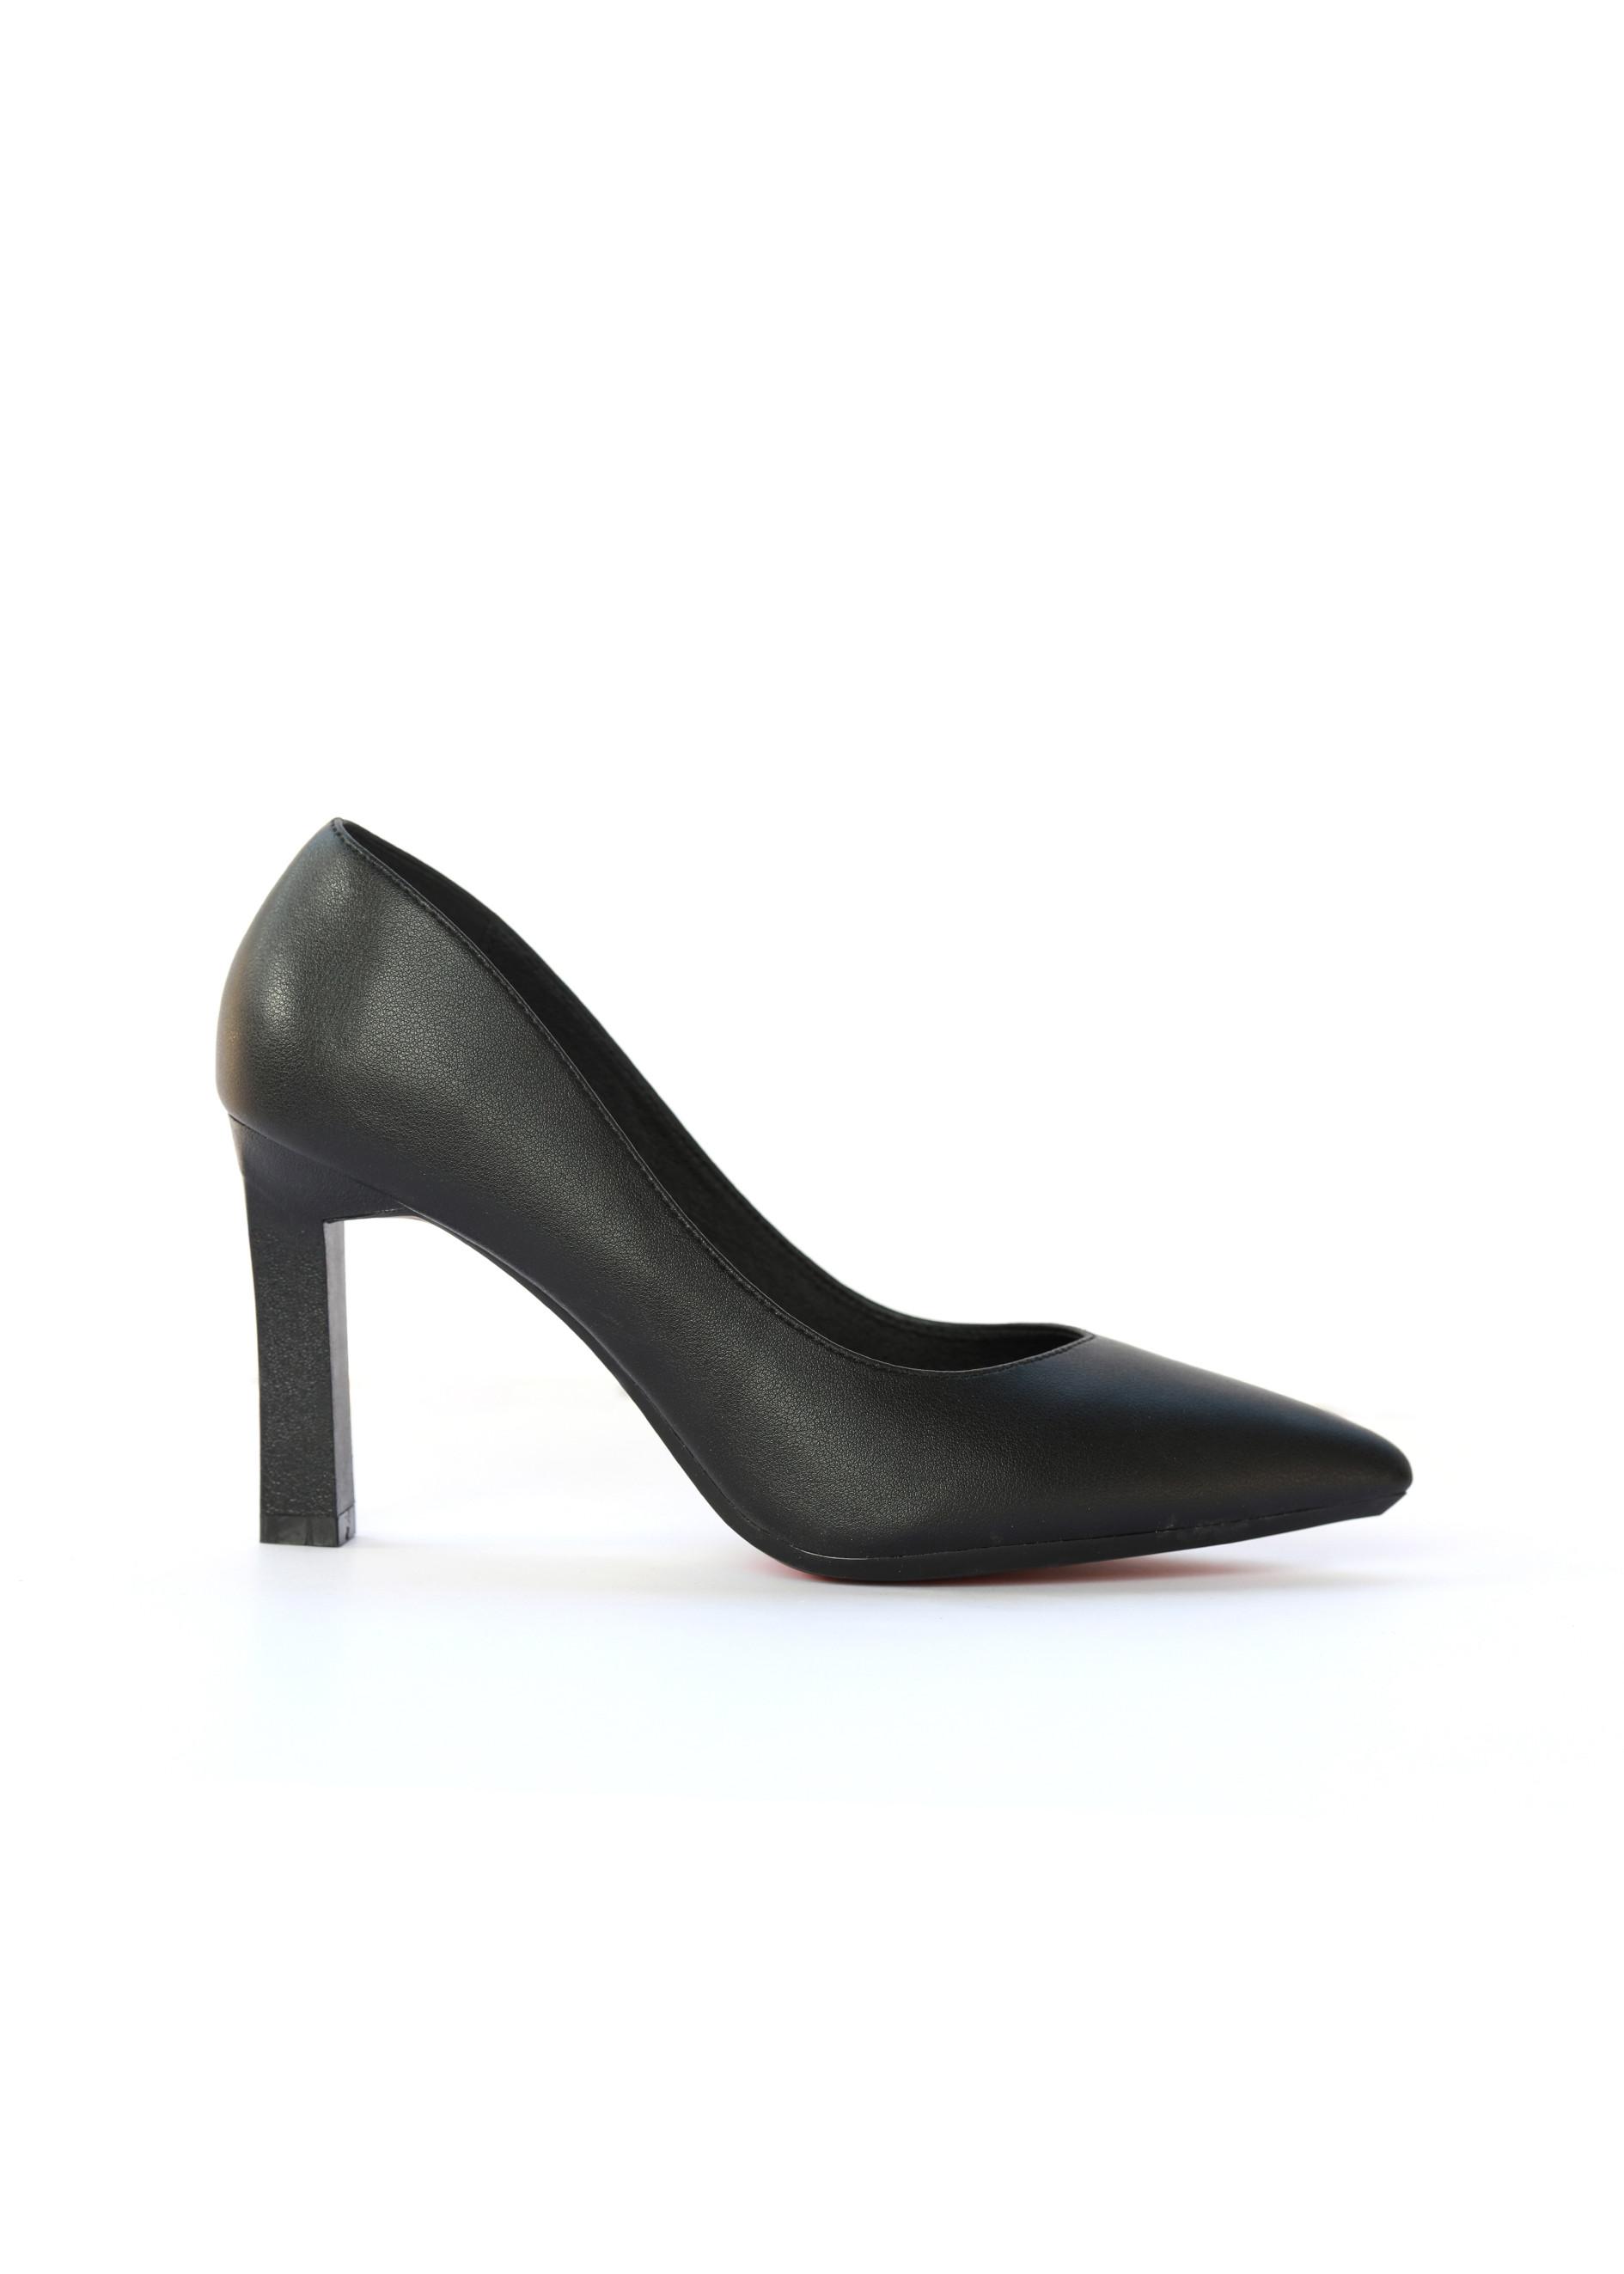 Giày cao gót nữ, cao 9CM, da Microfiber nhập khẩu cao cấp êm ái,. Mũi nhọn, gót trụ :B.PG5324.9F